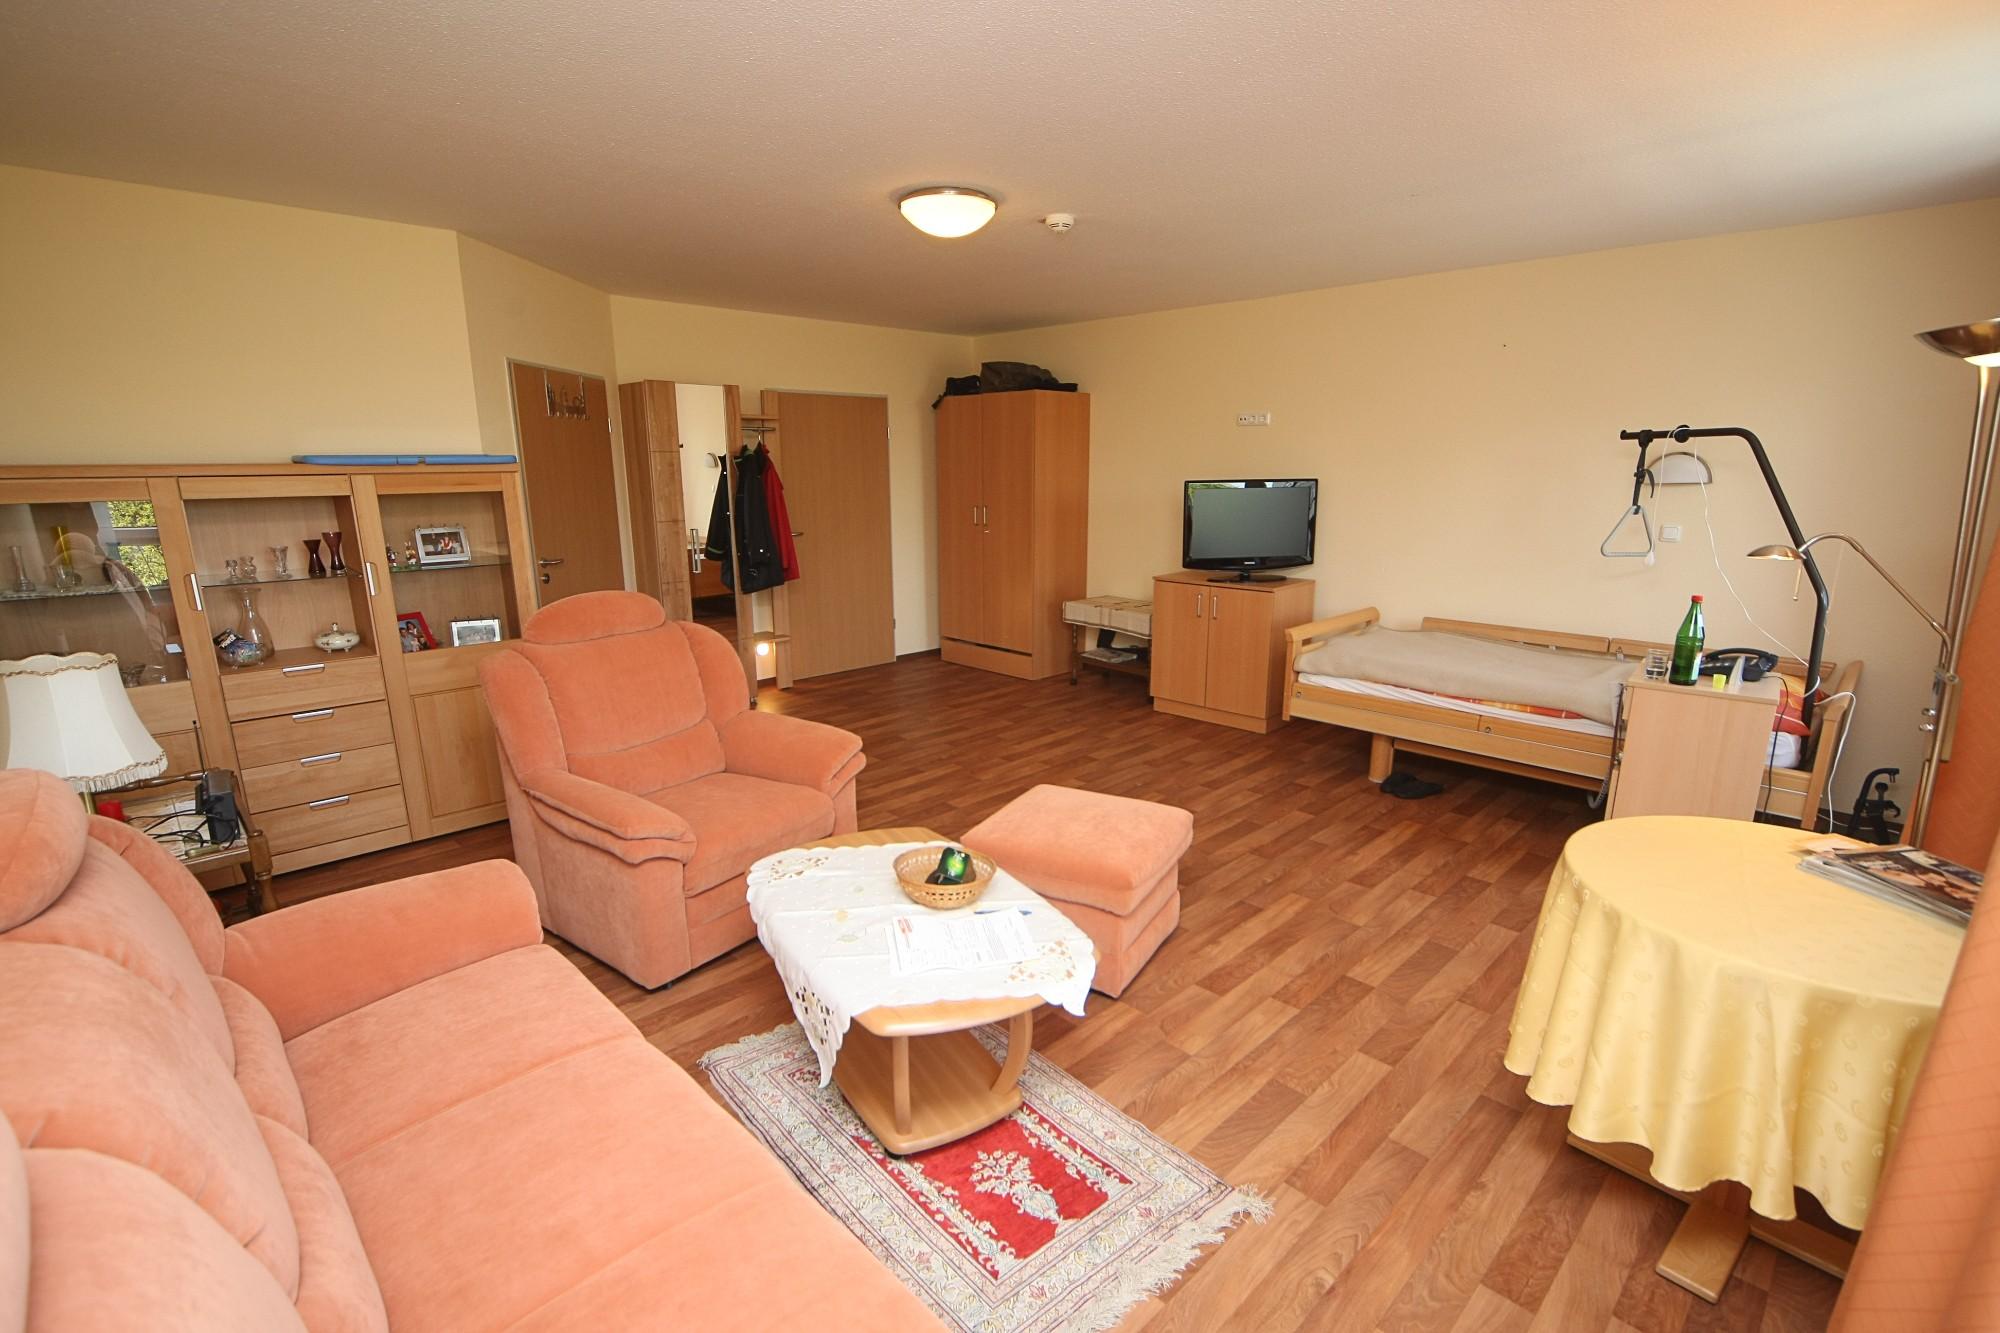 domicil seniorenheim in oldenburg auf wohnen im. Black Bedroom Furniture Sets. Home Design Ideas